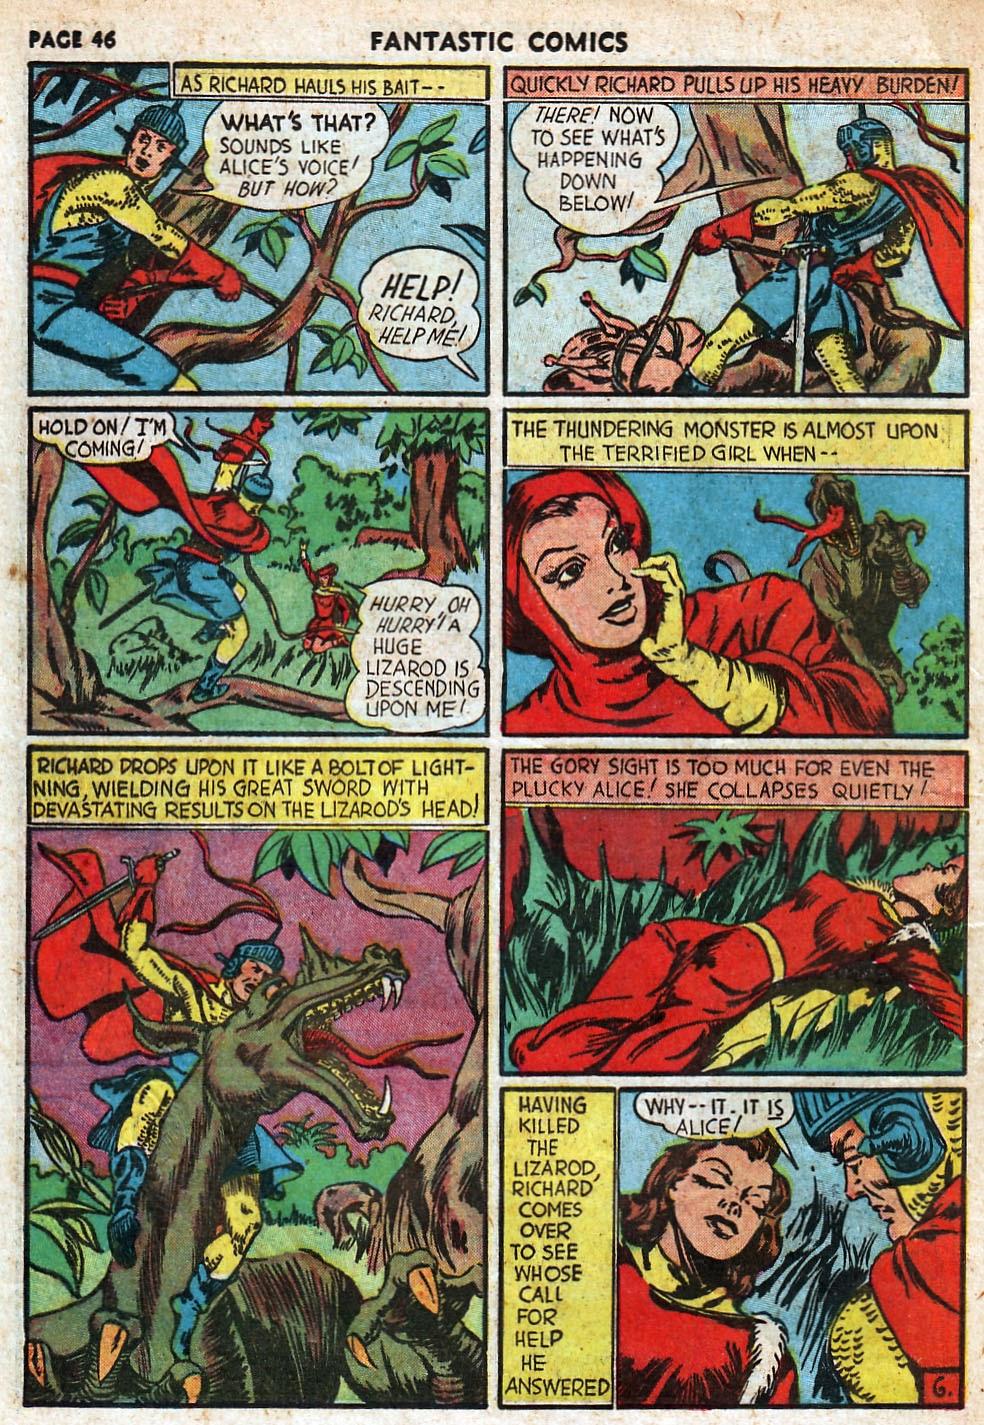 Read online Fantastic Comics comic -  Issue #18 - 48